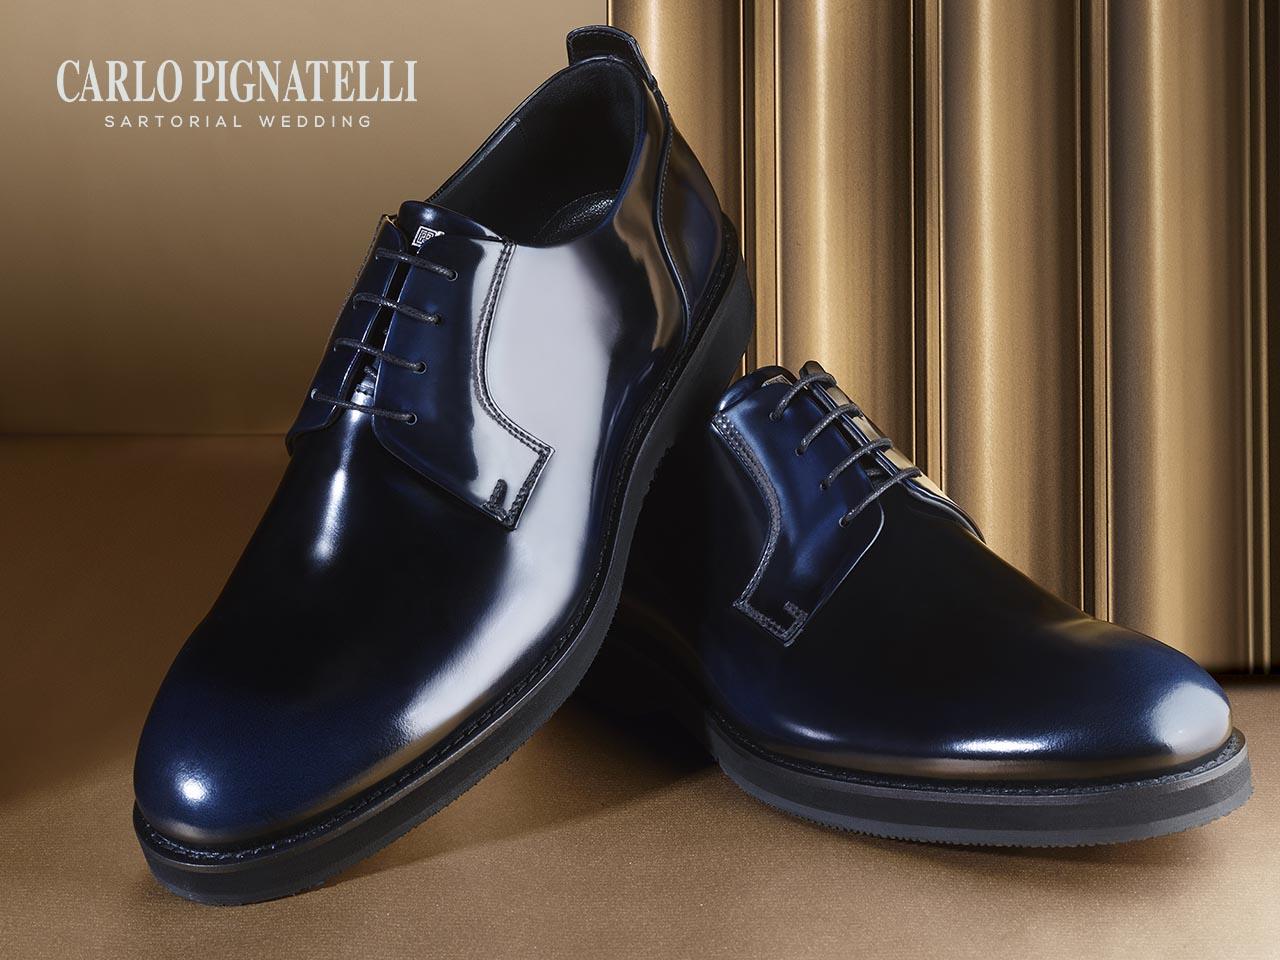 innovative design d0c72 164df scarpe-carlo-pignatelli-accessori-2018 (3) - Ricci Sposo